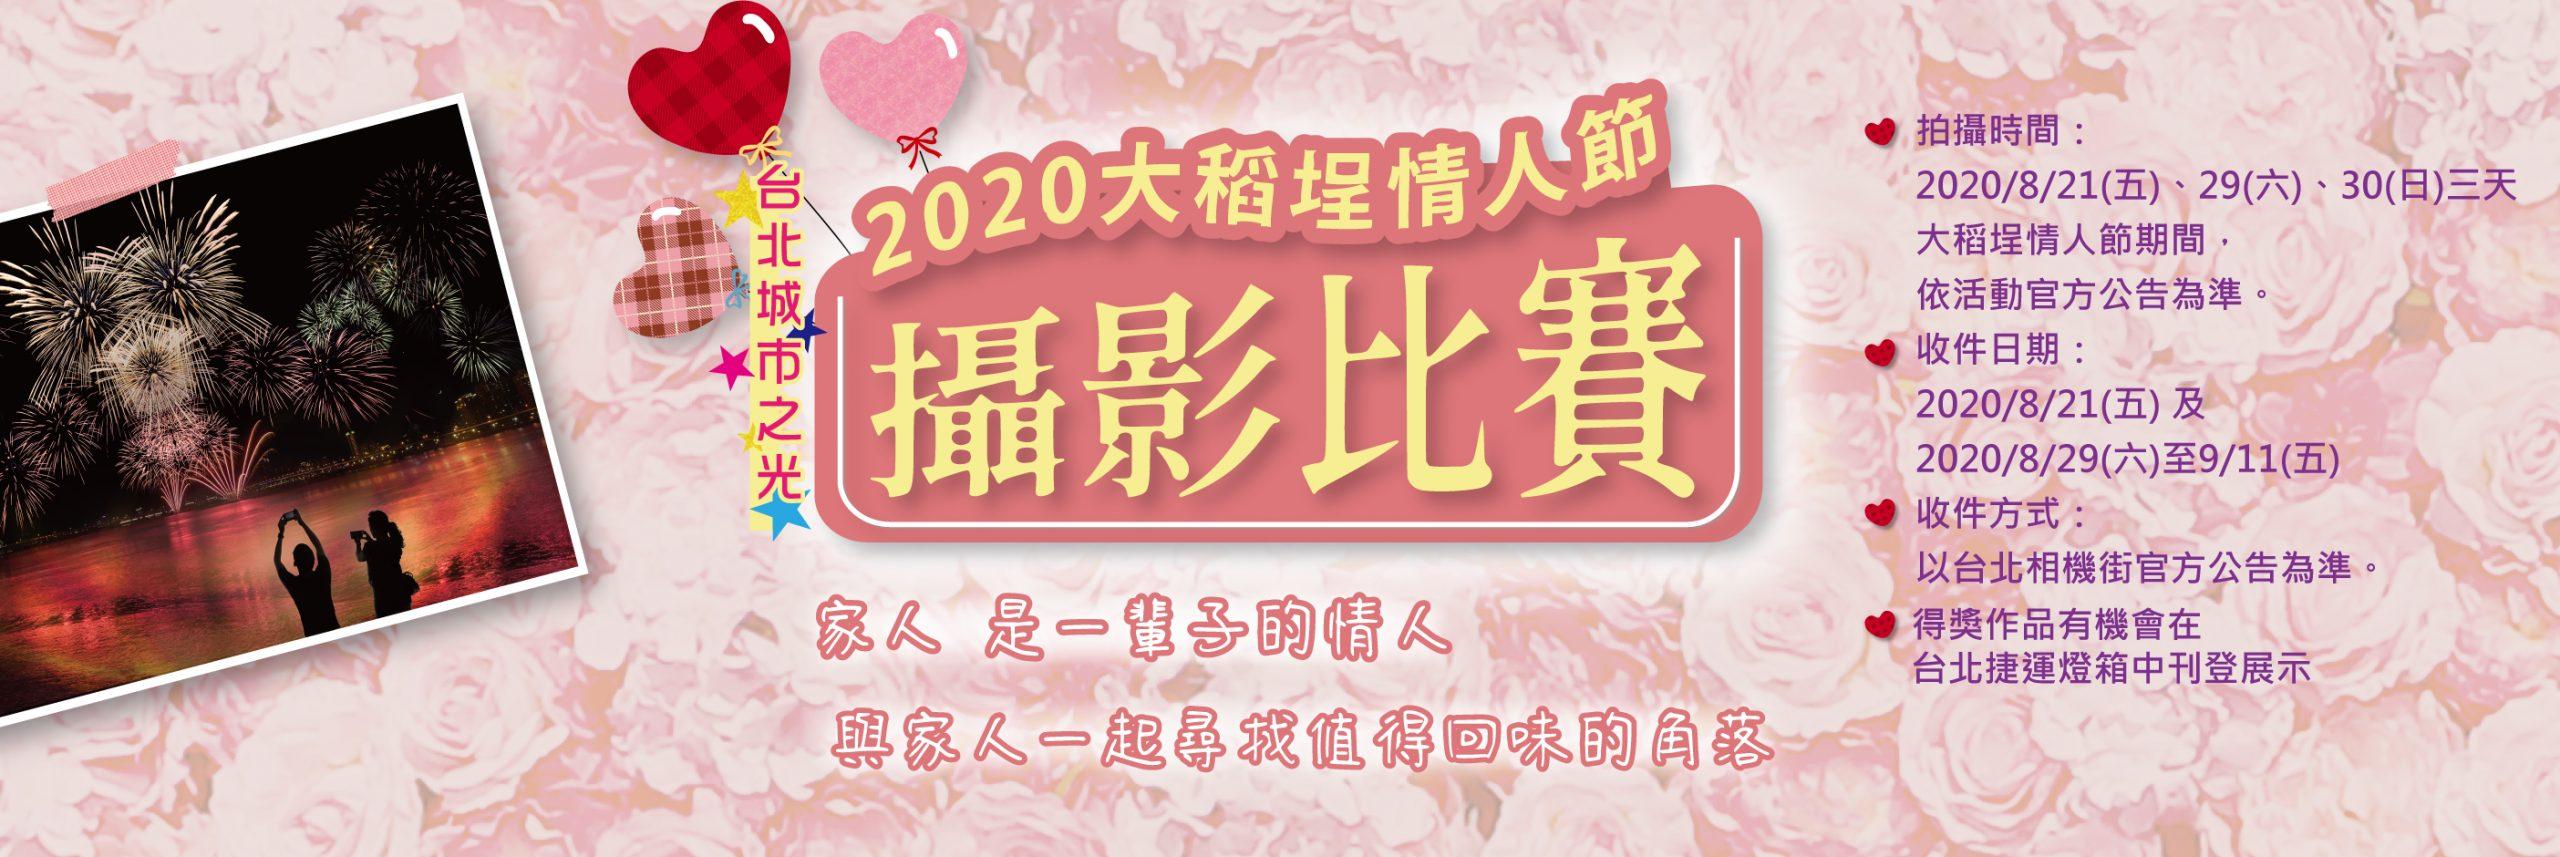 2020大稻埕-官網封面改期-v1-scaled